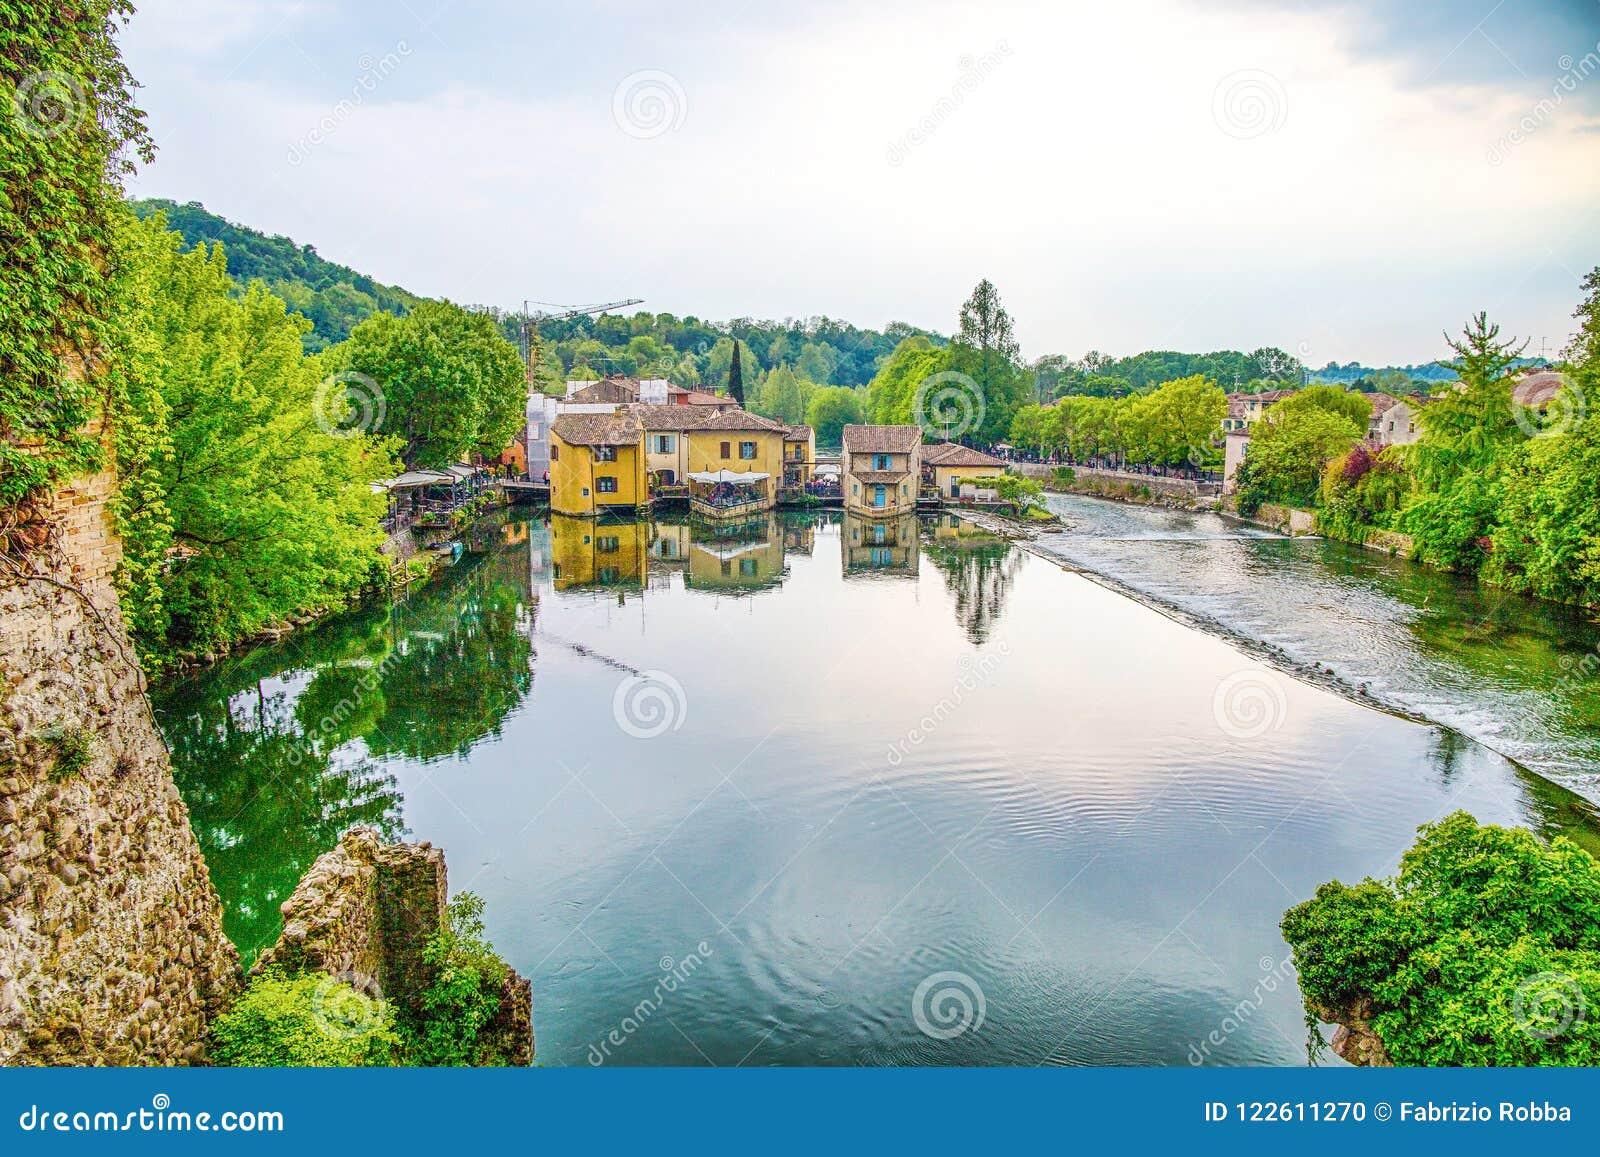 Το γραφικό χωριό στην όχθη ποταμού, Borghetto sul Mincio, Βερόνα, Ιταλία, αυτό είναι ένα χωριουδάκι του δήμου Valeggio SU